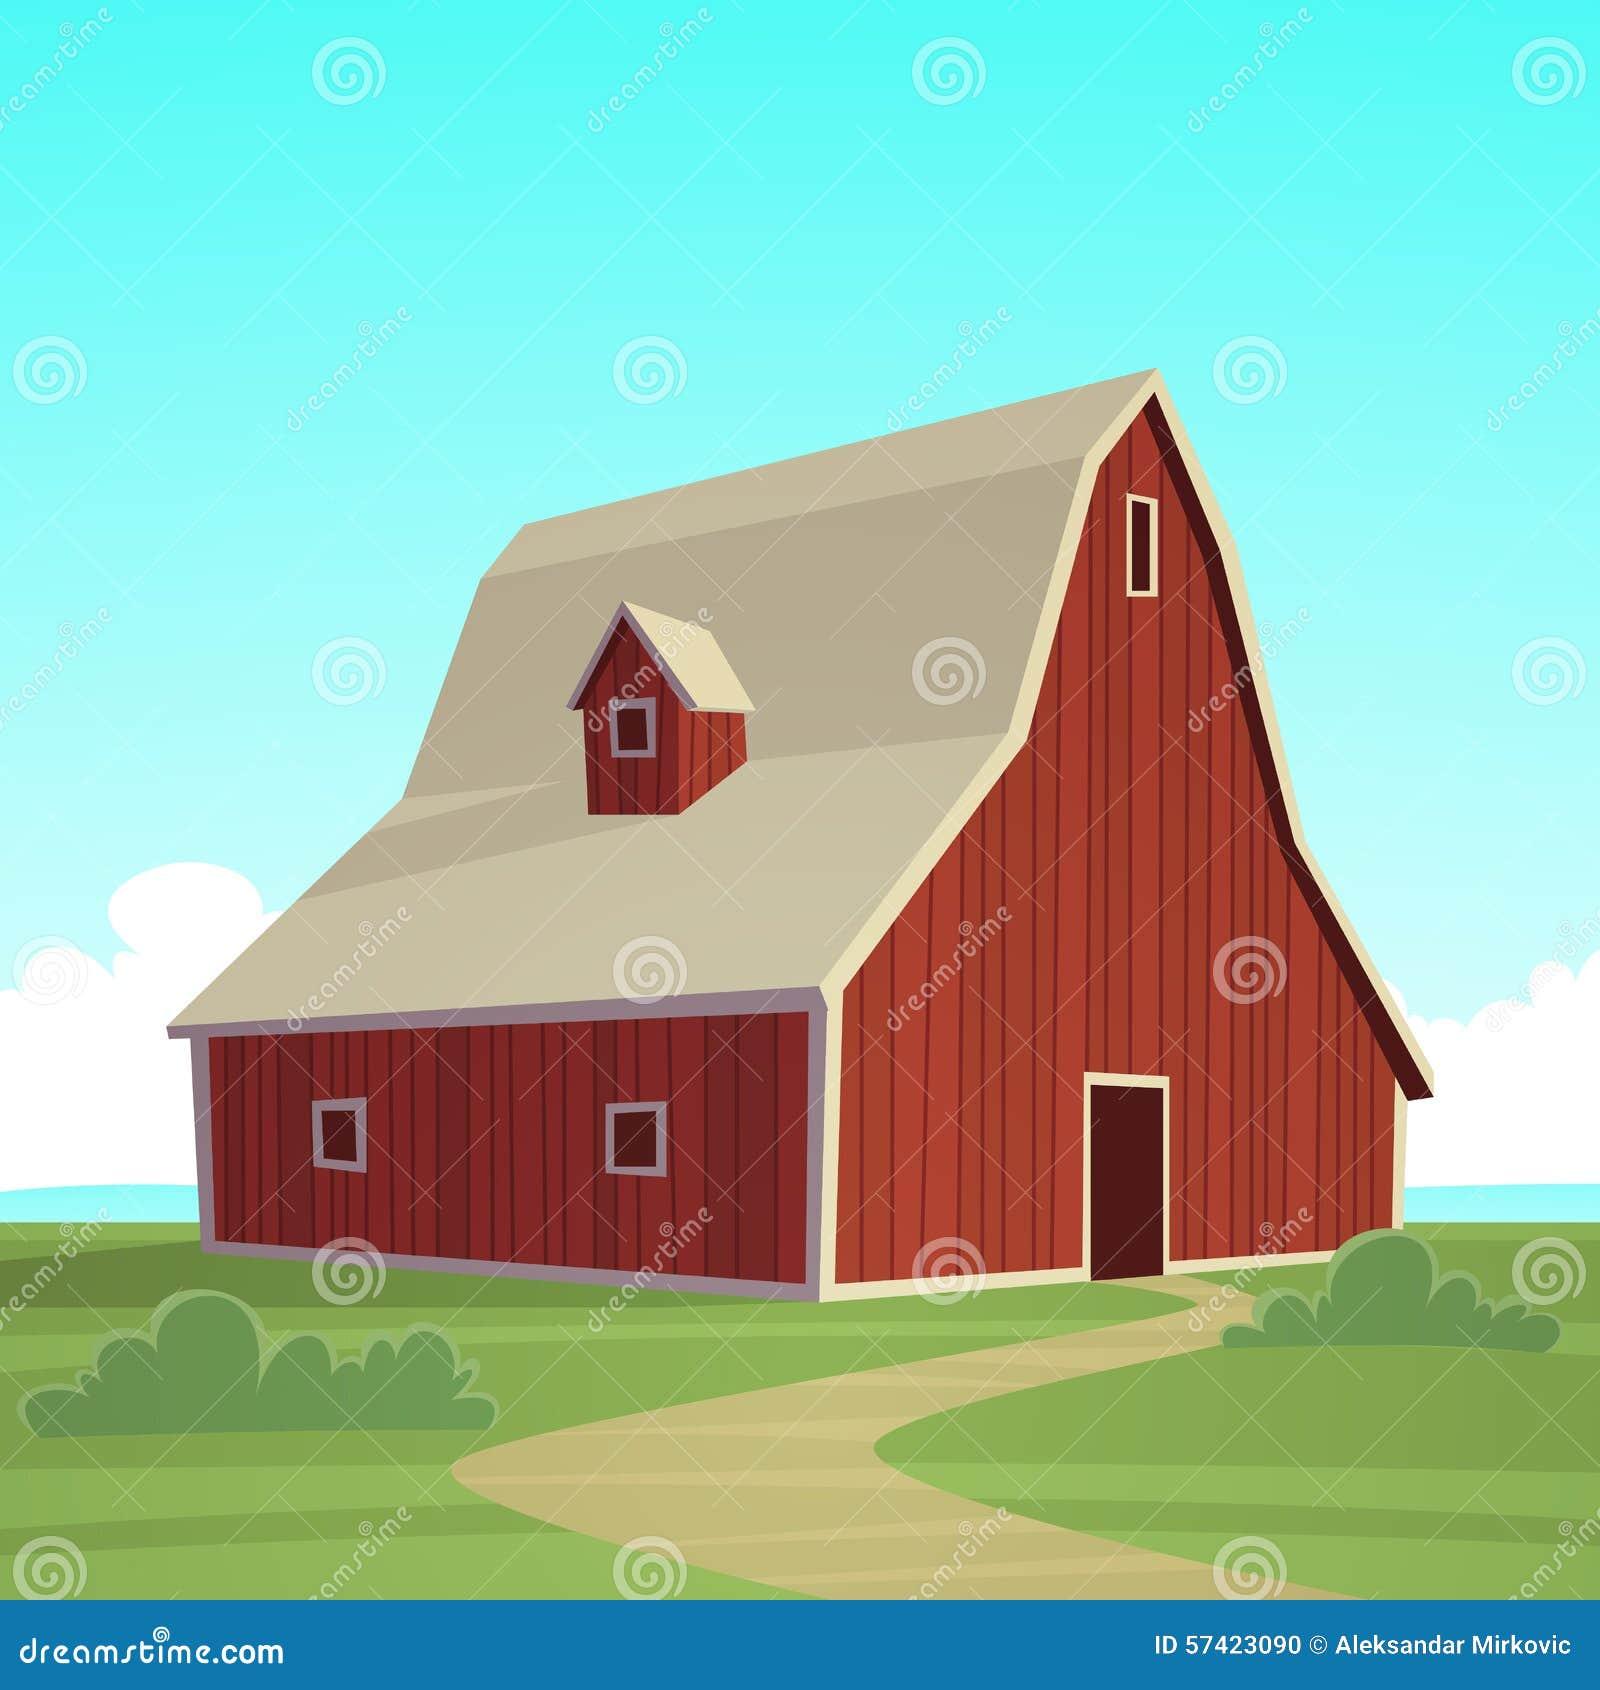 Farm Barn farm landscape with red barn stock photos - image: 31414573